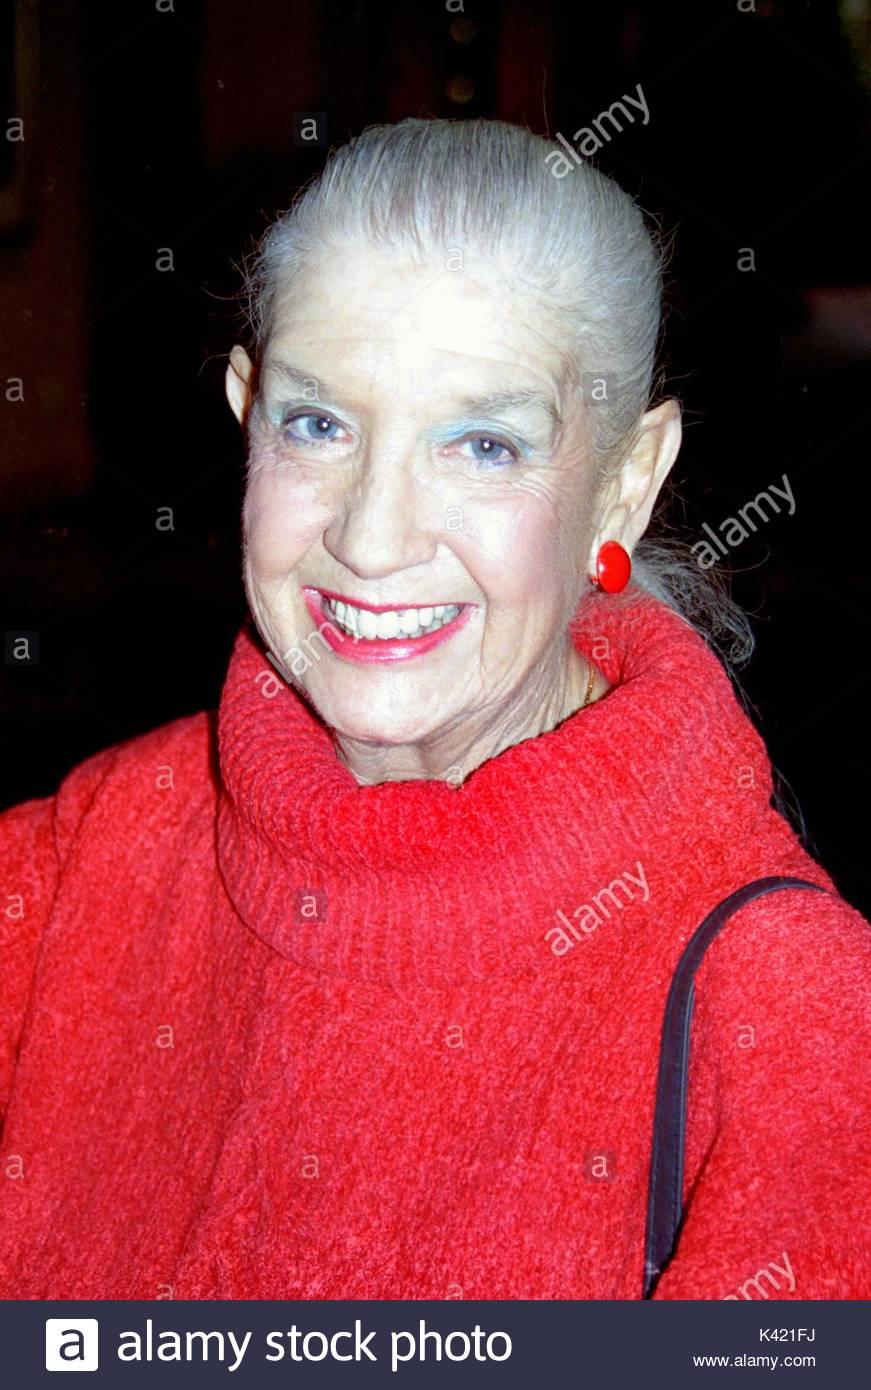 Nanette Medved (b. 1971)